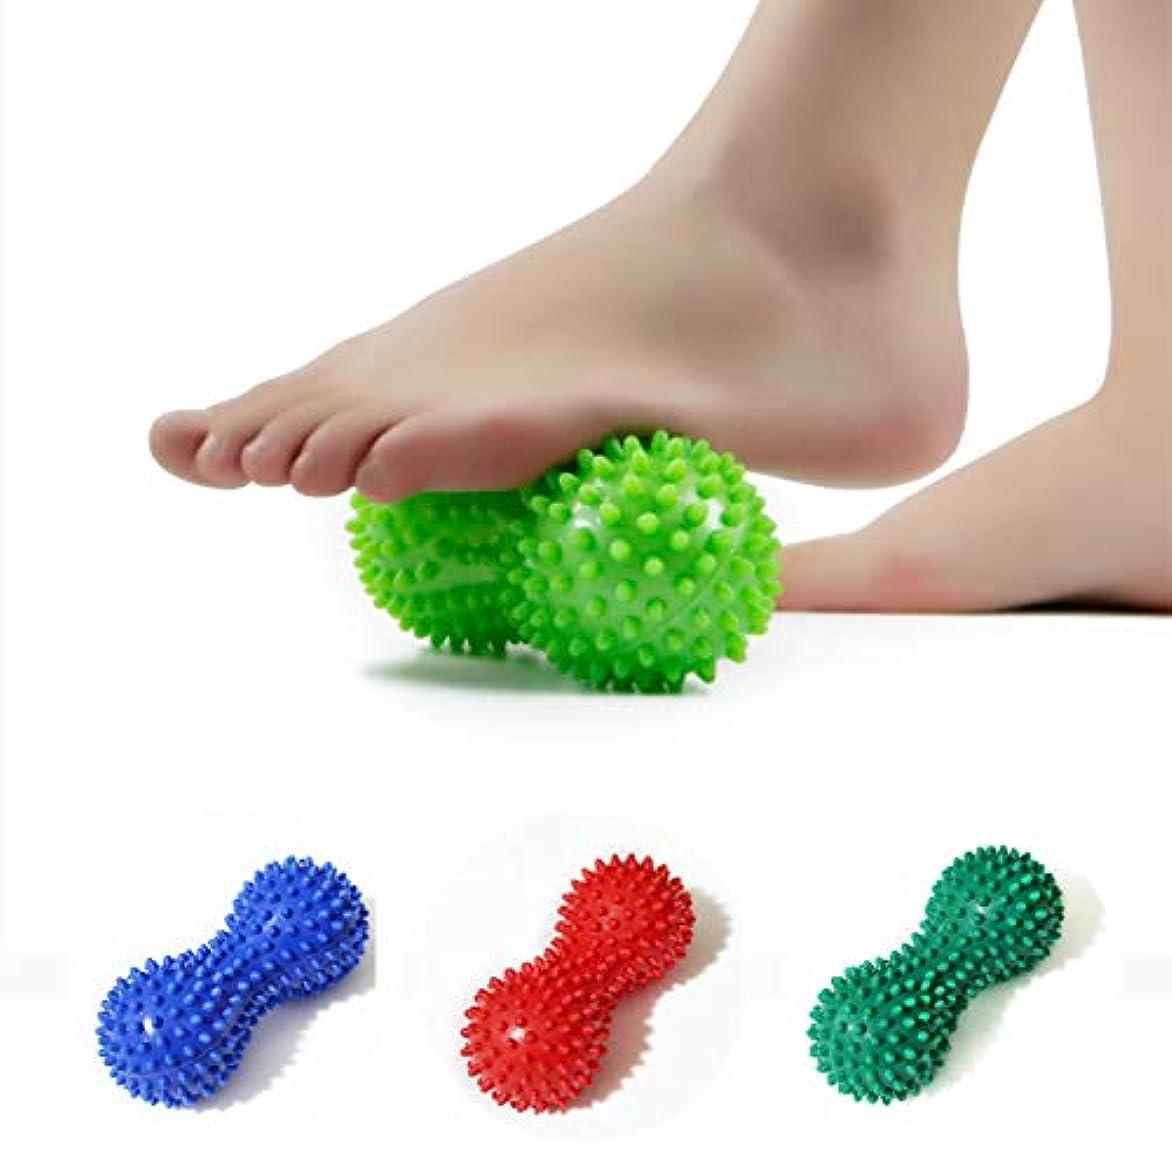 安西範囲プロットPeanut Shape Massage Yoga Sport Fitness Ball Durable PVC Stress Relief Body Hand Foot Spiky Massager Trigger Point...